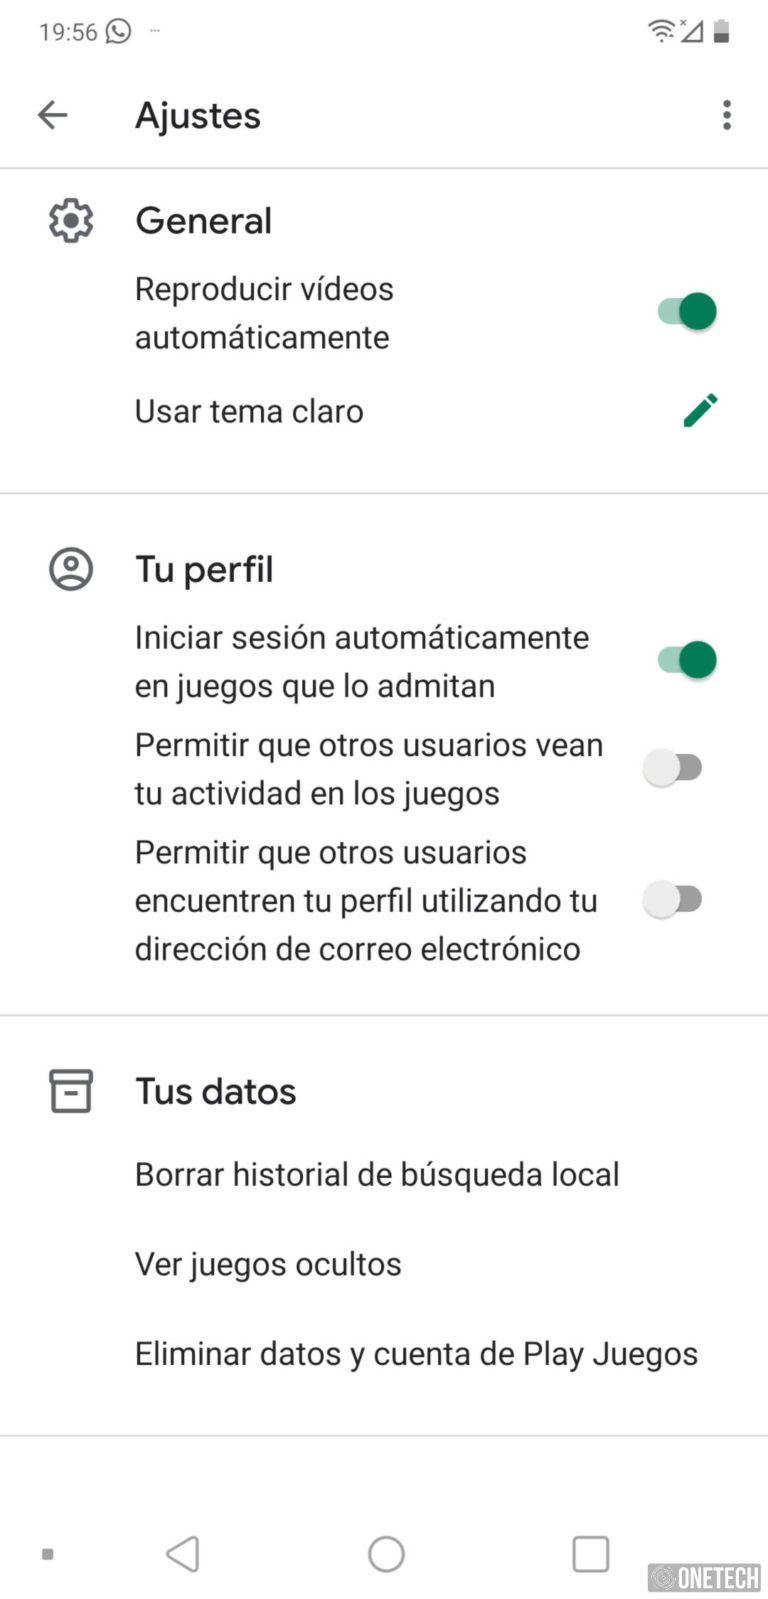 Google Play Juegos estrena un nuevo diseño 4